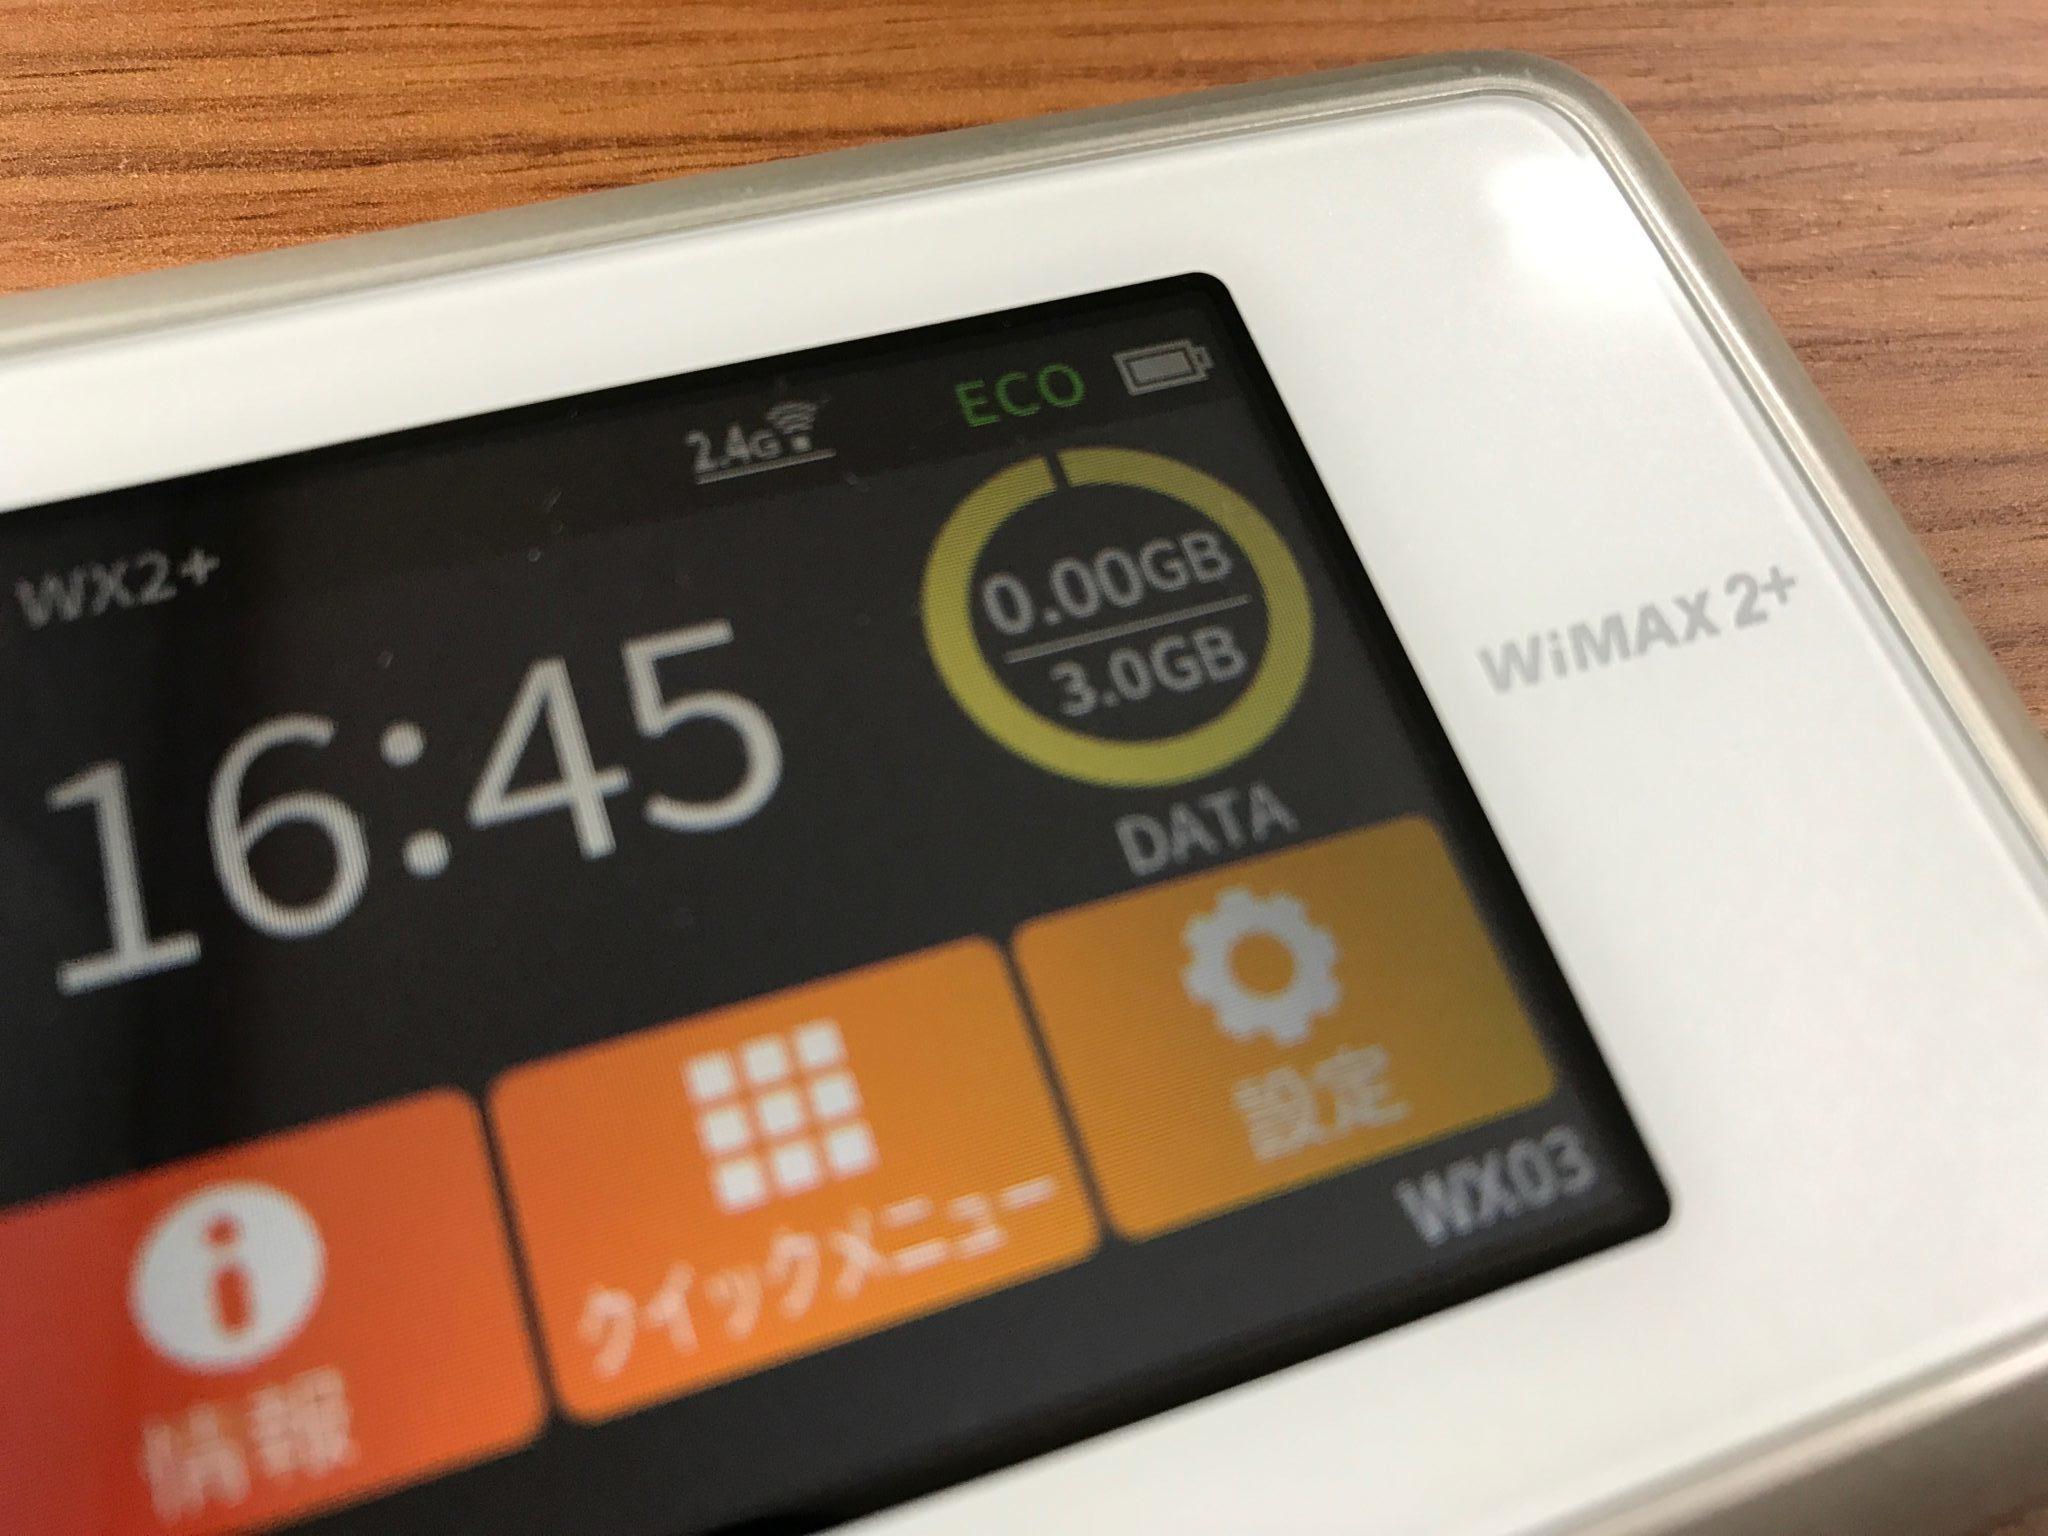 WiMAXの通信ギガ数をリセット